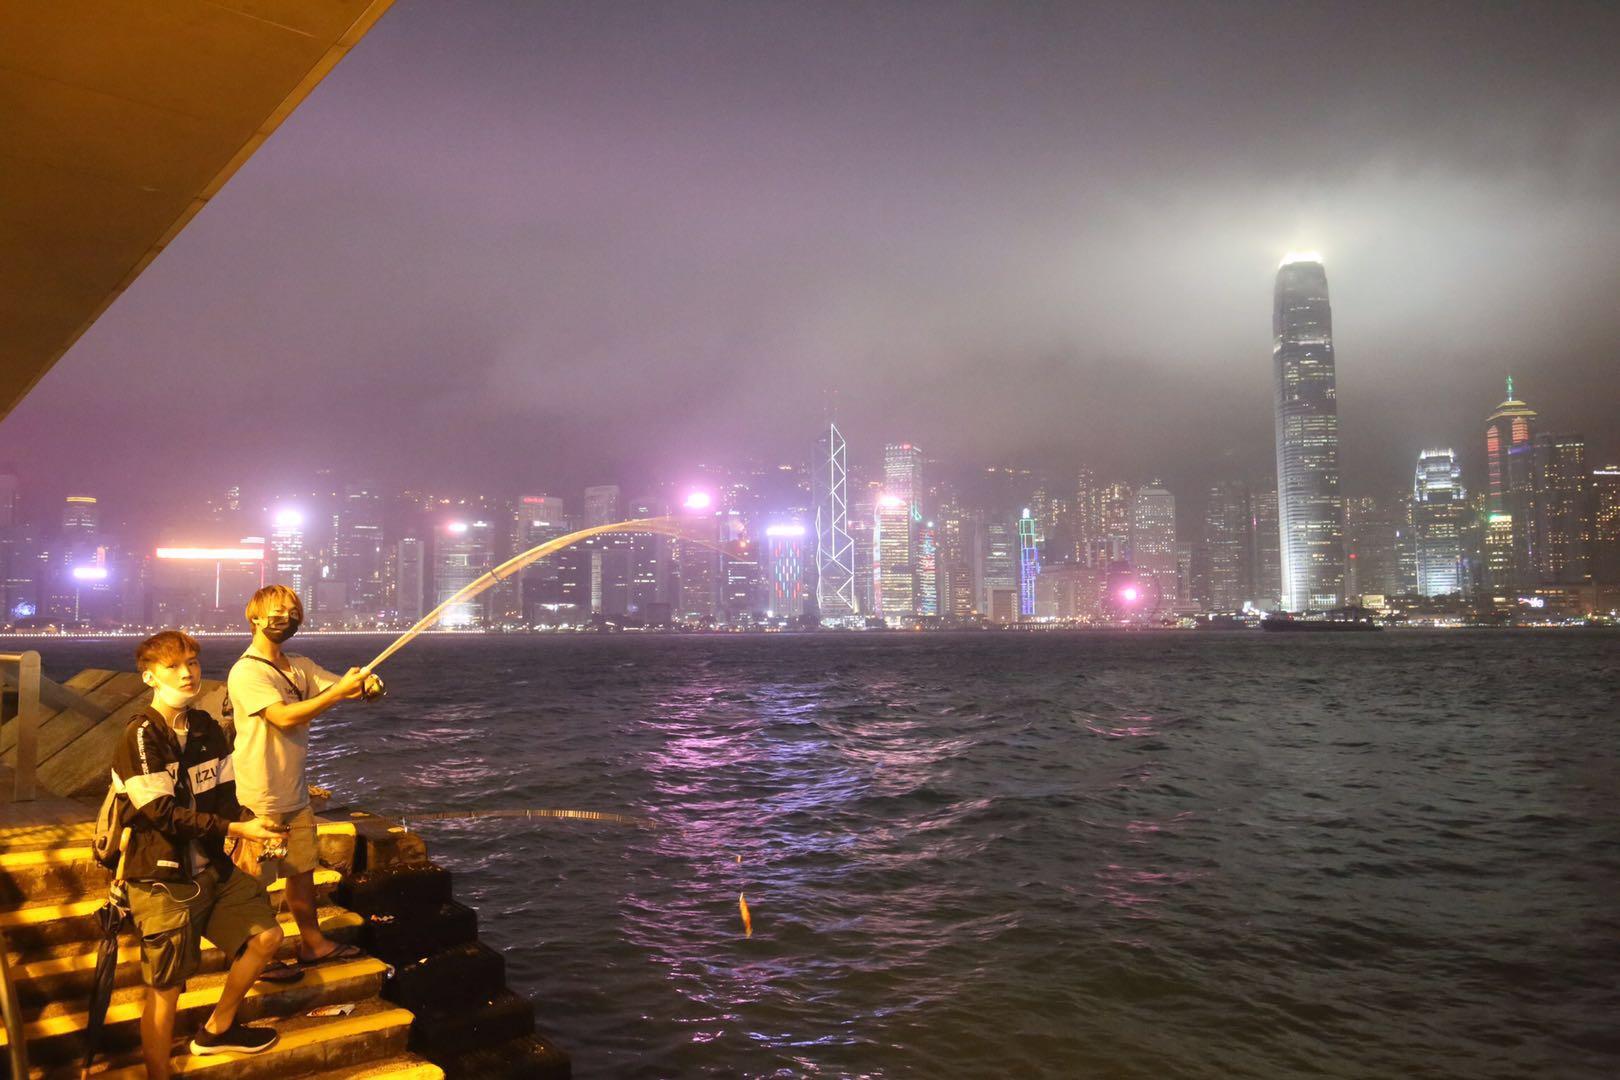 打風期間的尖沙咀碼頭,有市民在岸邊釣魚。(大公文匯全媒體記者 馬丁 攝)